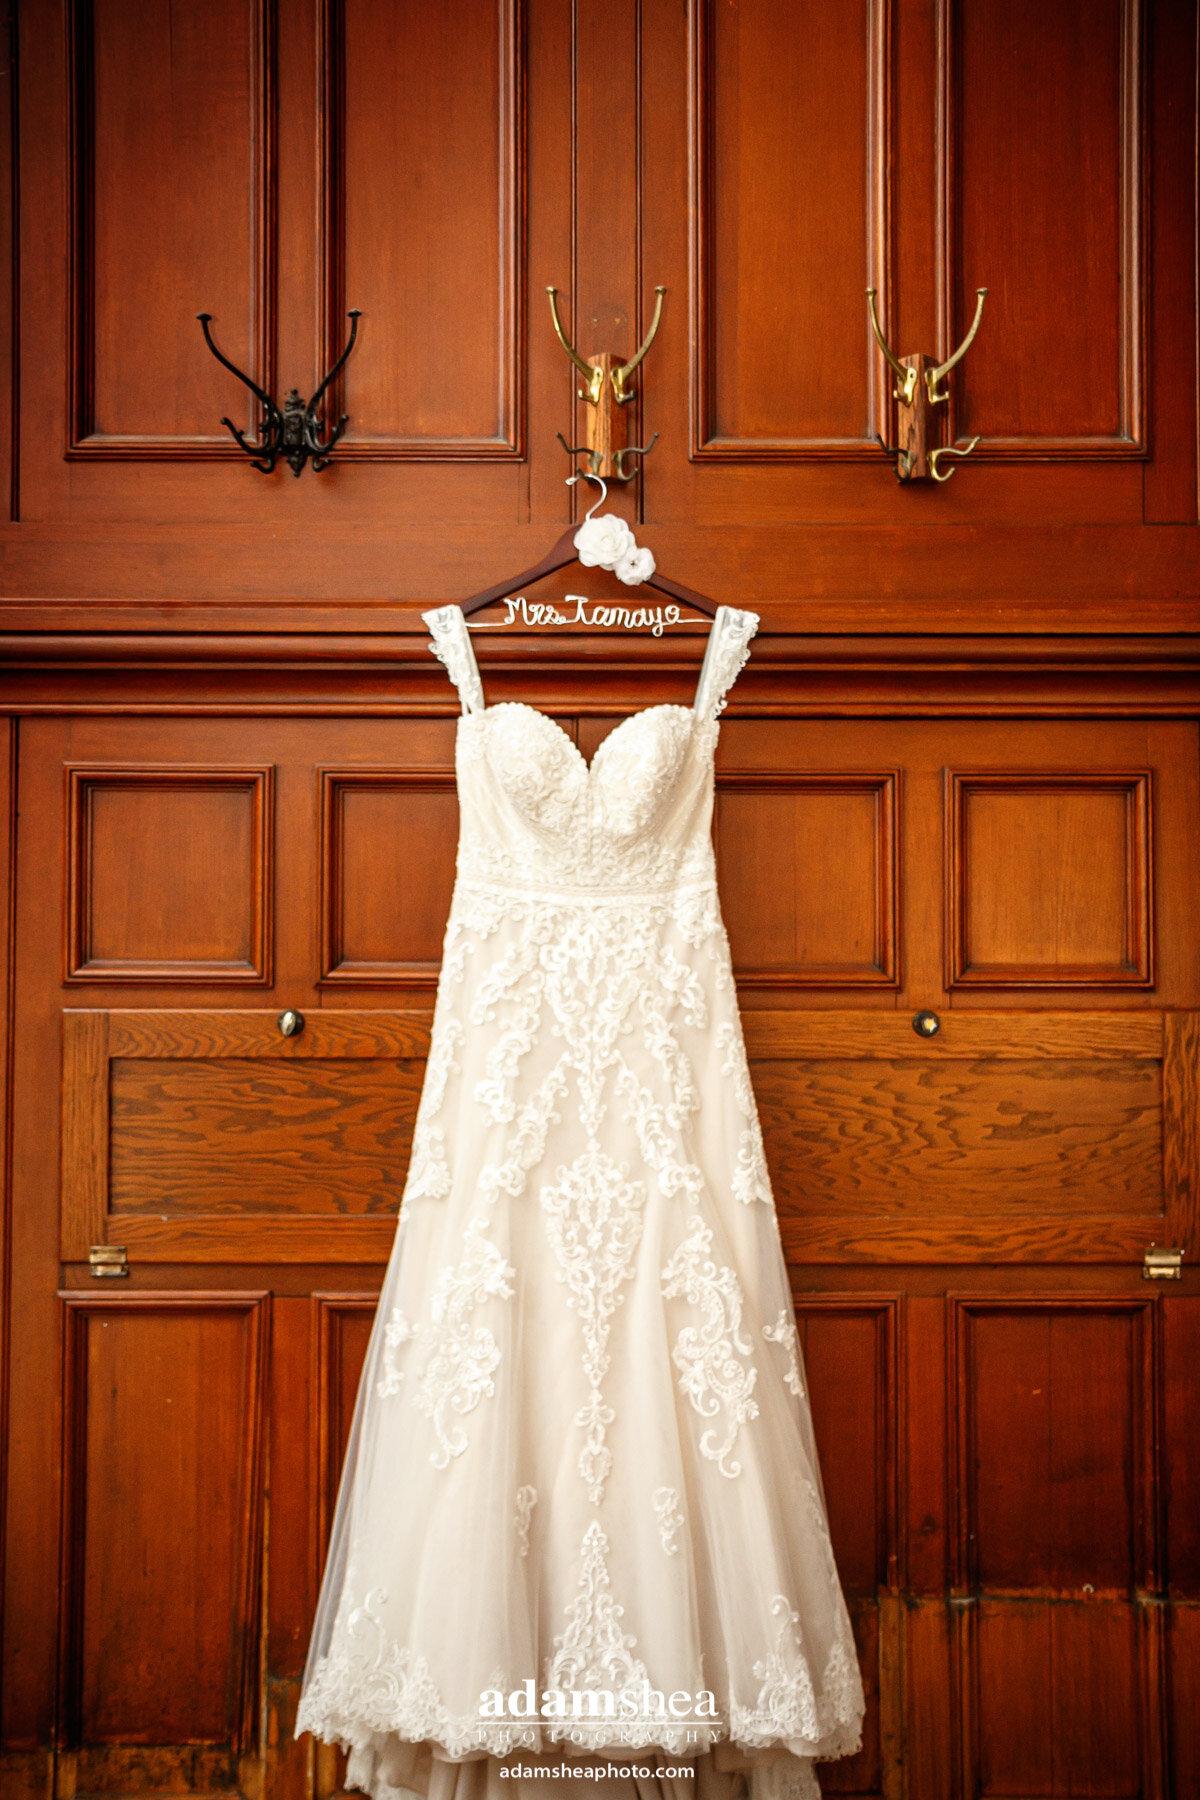 Taylor-Favian-Sepia-Wedding-Chapel-Adam-Shea-Photography-Two-Rivers-WI00002.jpg